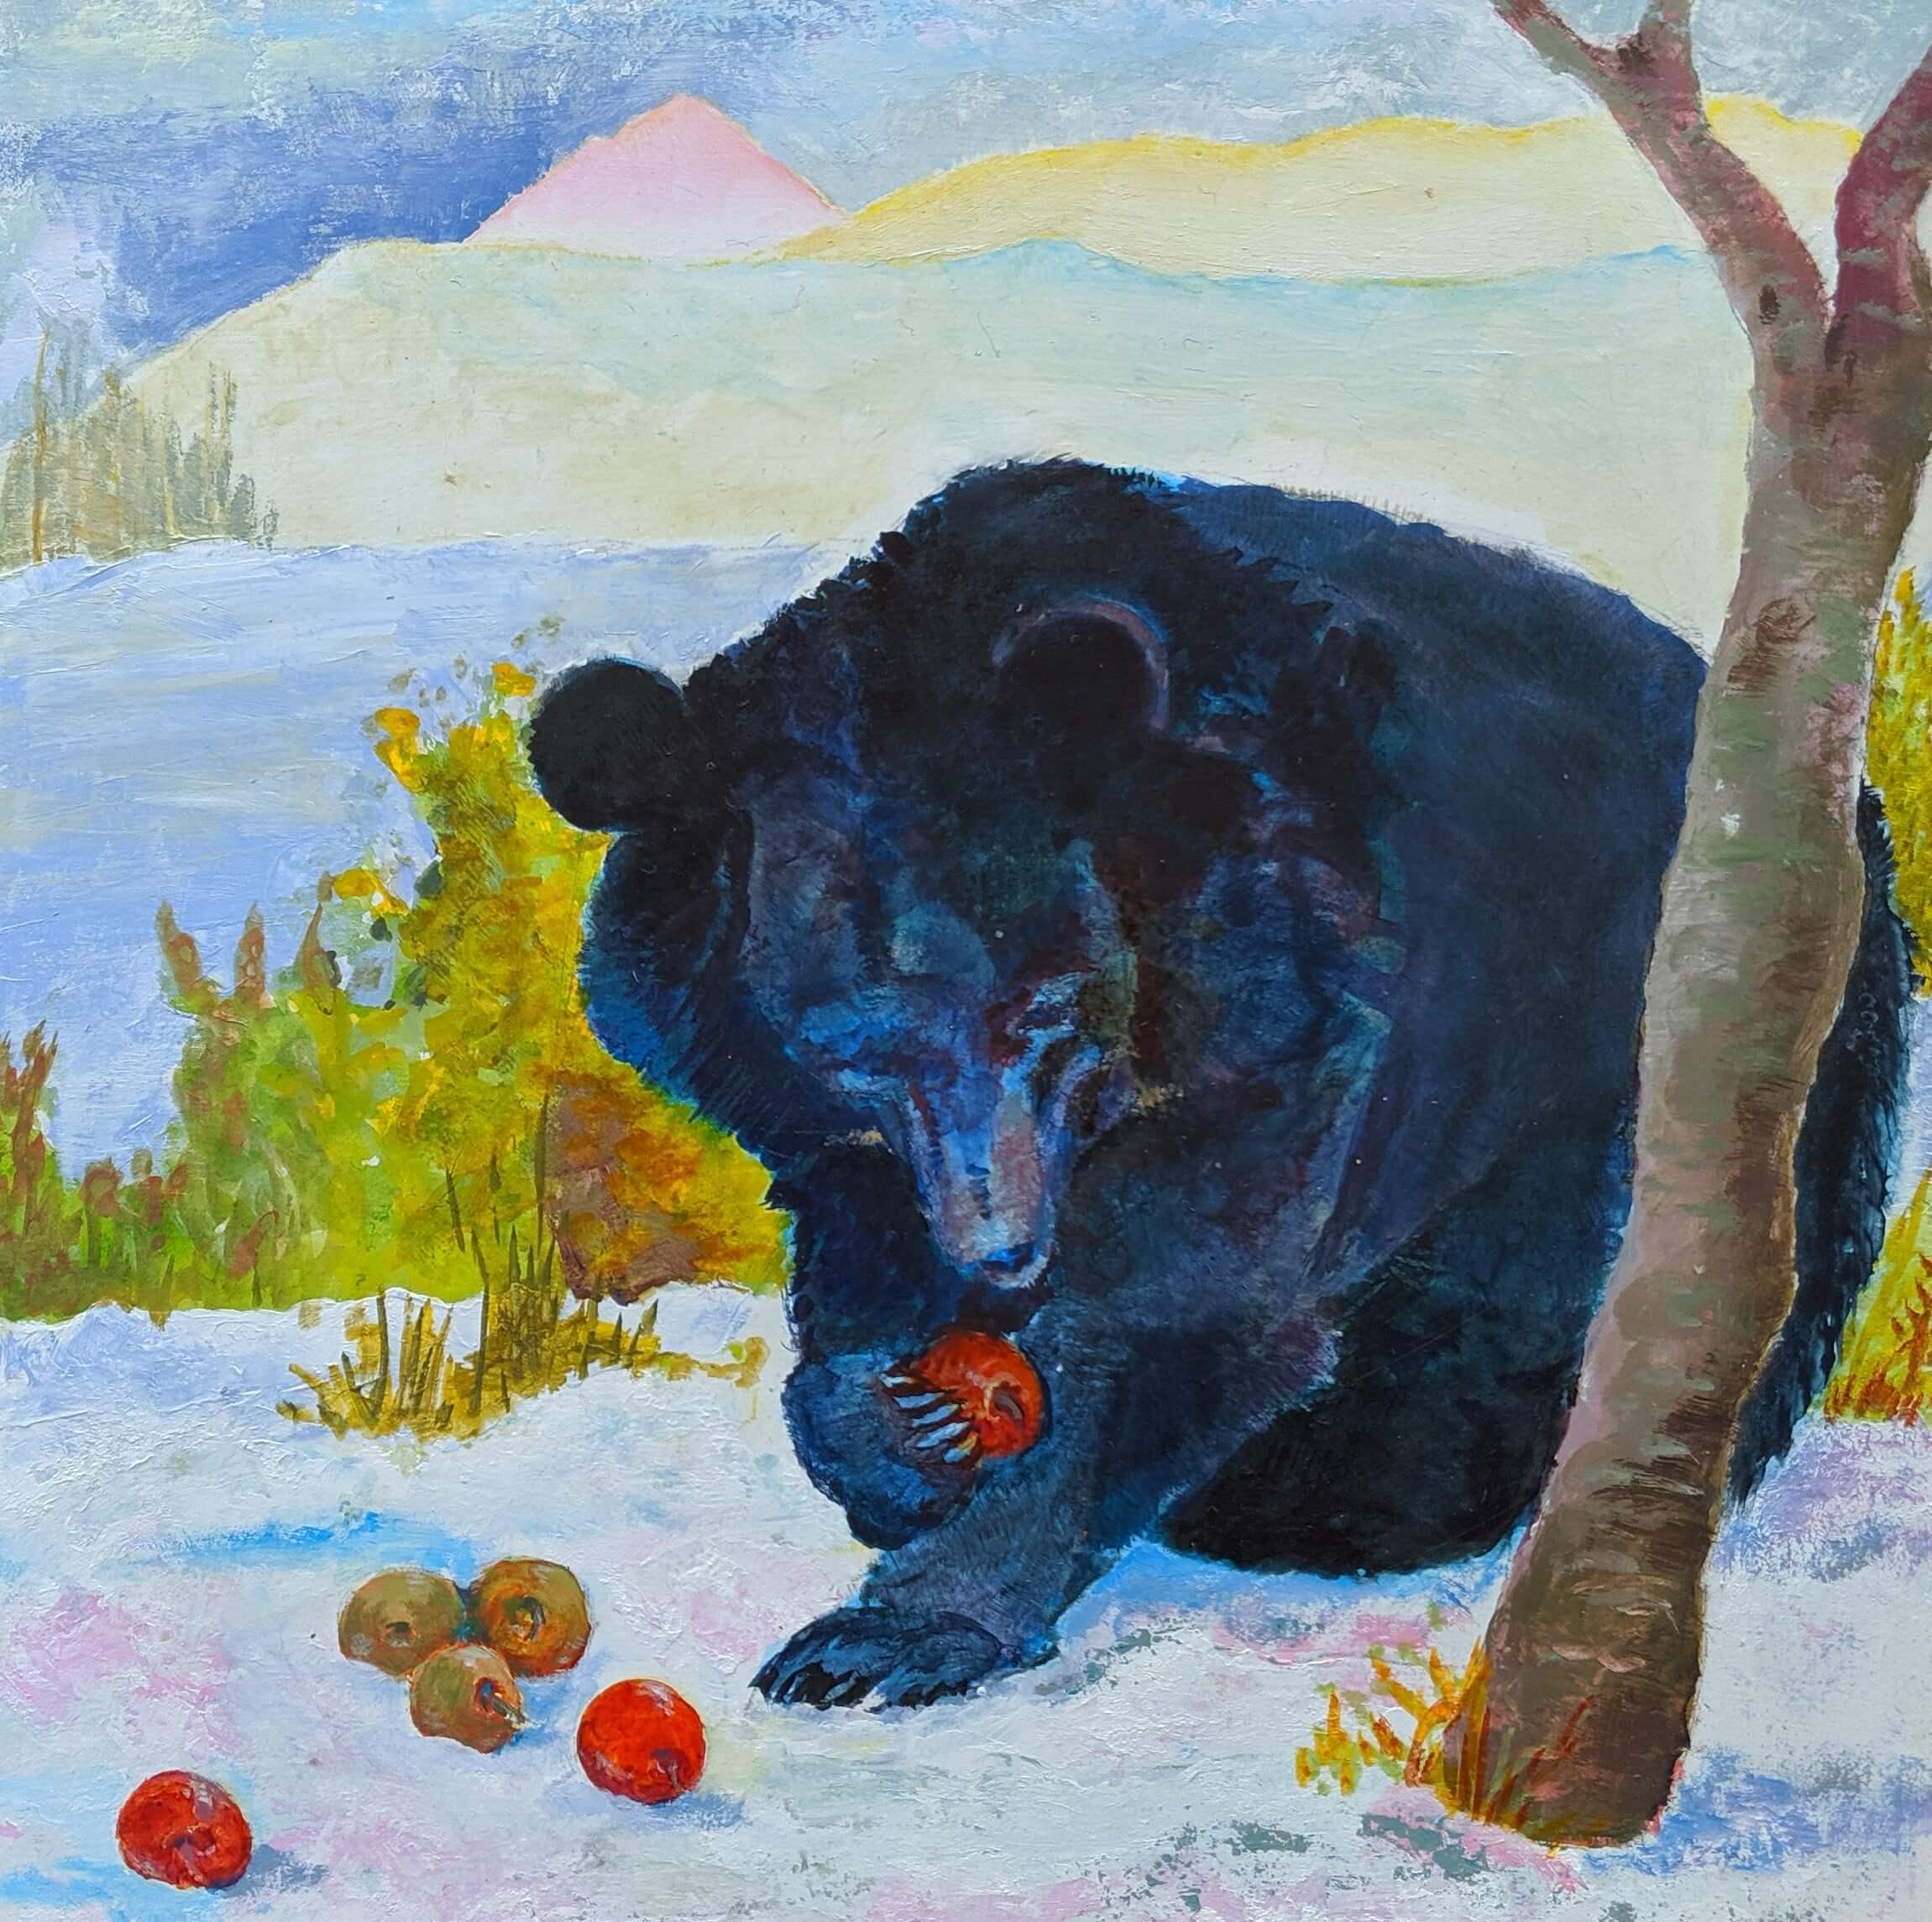 feeding-the-bear